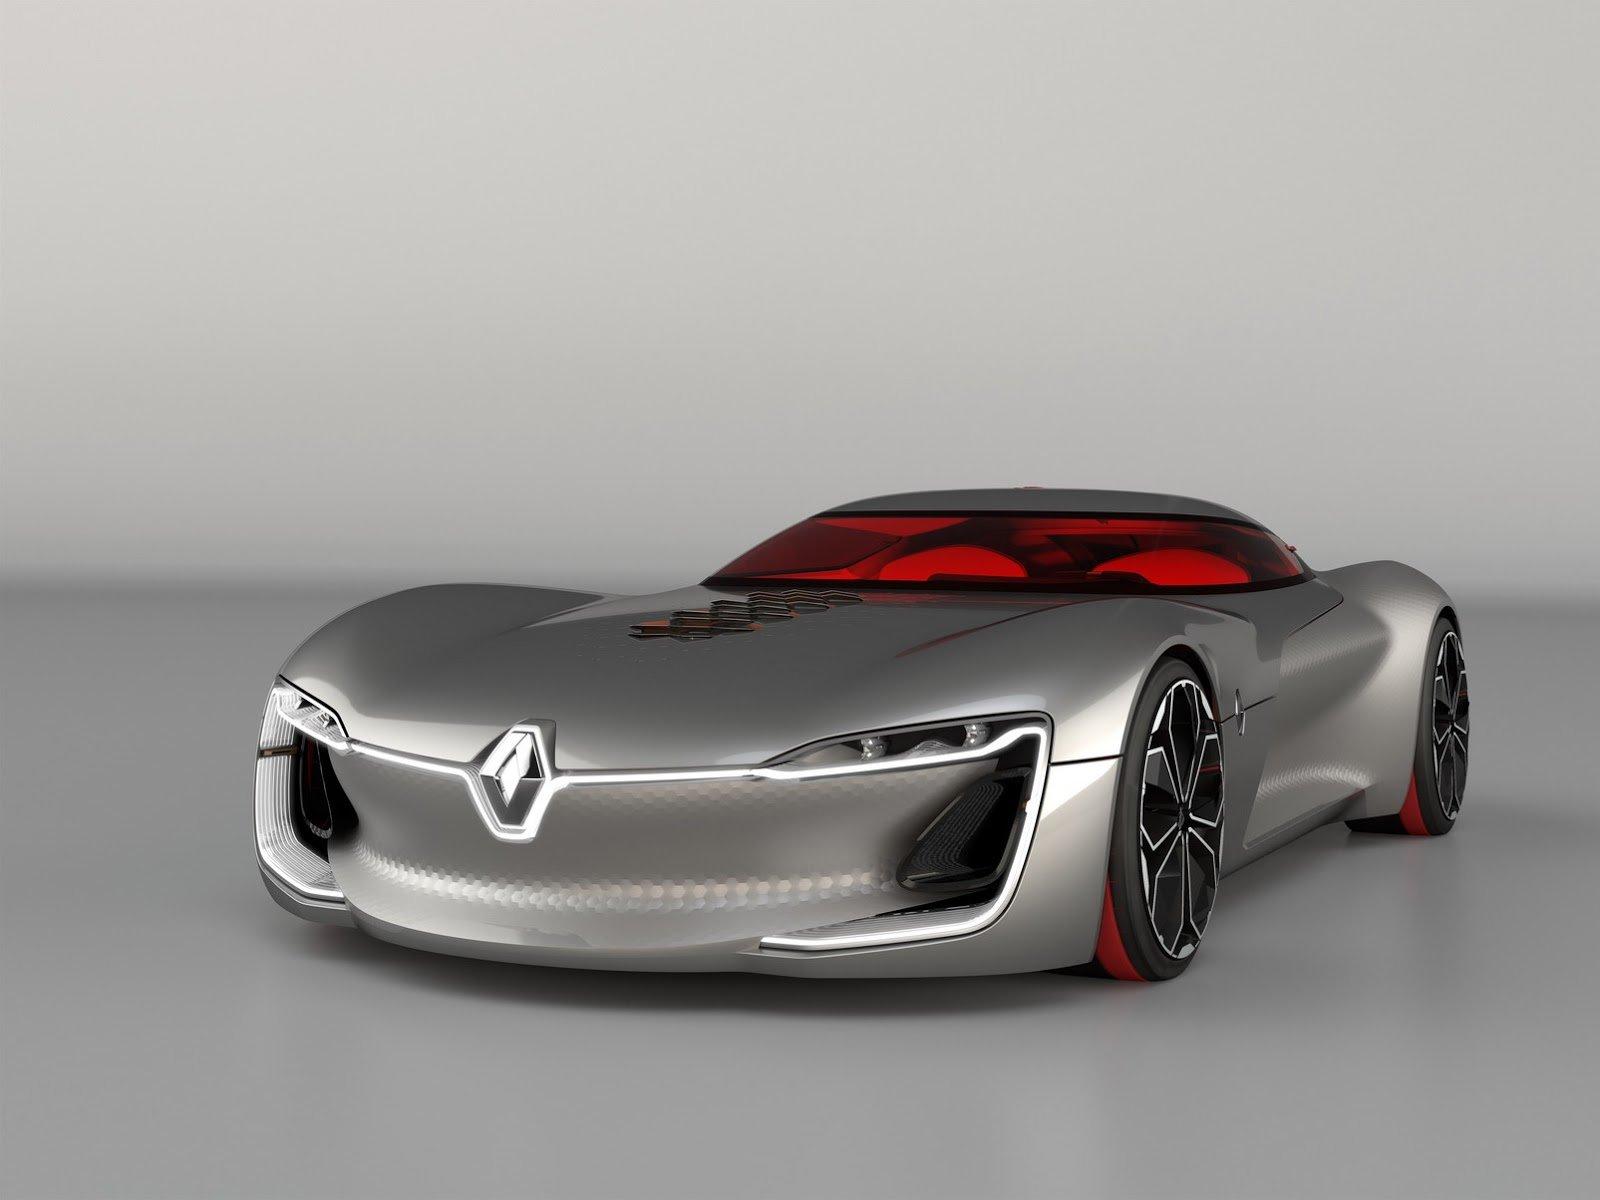 【ルノー】超イカすコンセプトカーを発表wwwwww 乗り方わからんが格好(・∀・)イイ!!のサムネイル画像